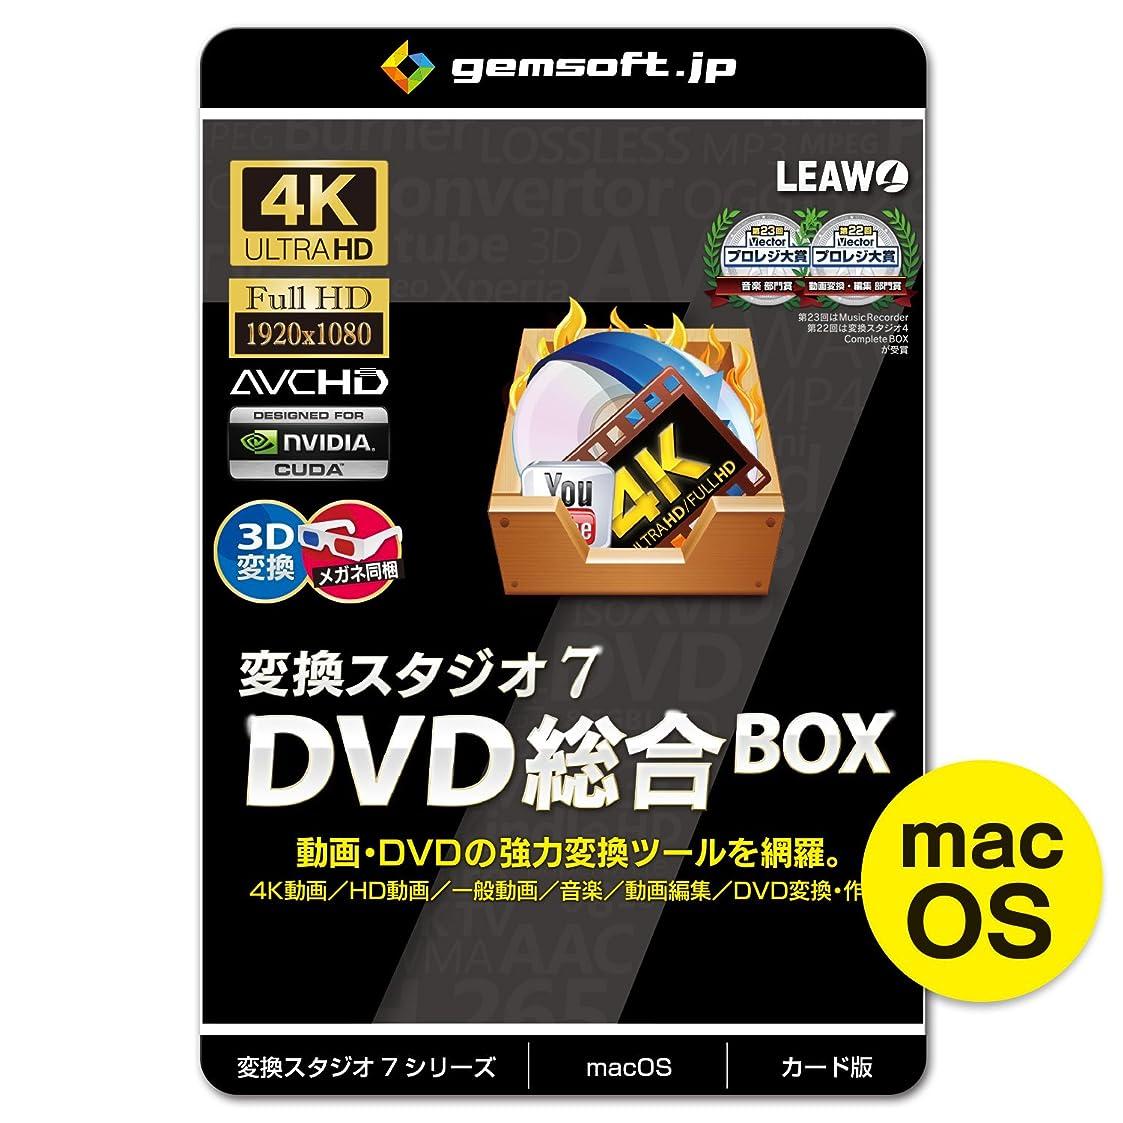 僕の経済避ける変換スタジオ7 DVD総合BOX Mac版 | 変換スタジオ7シリーズ | カード版 | Mac対応